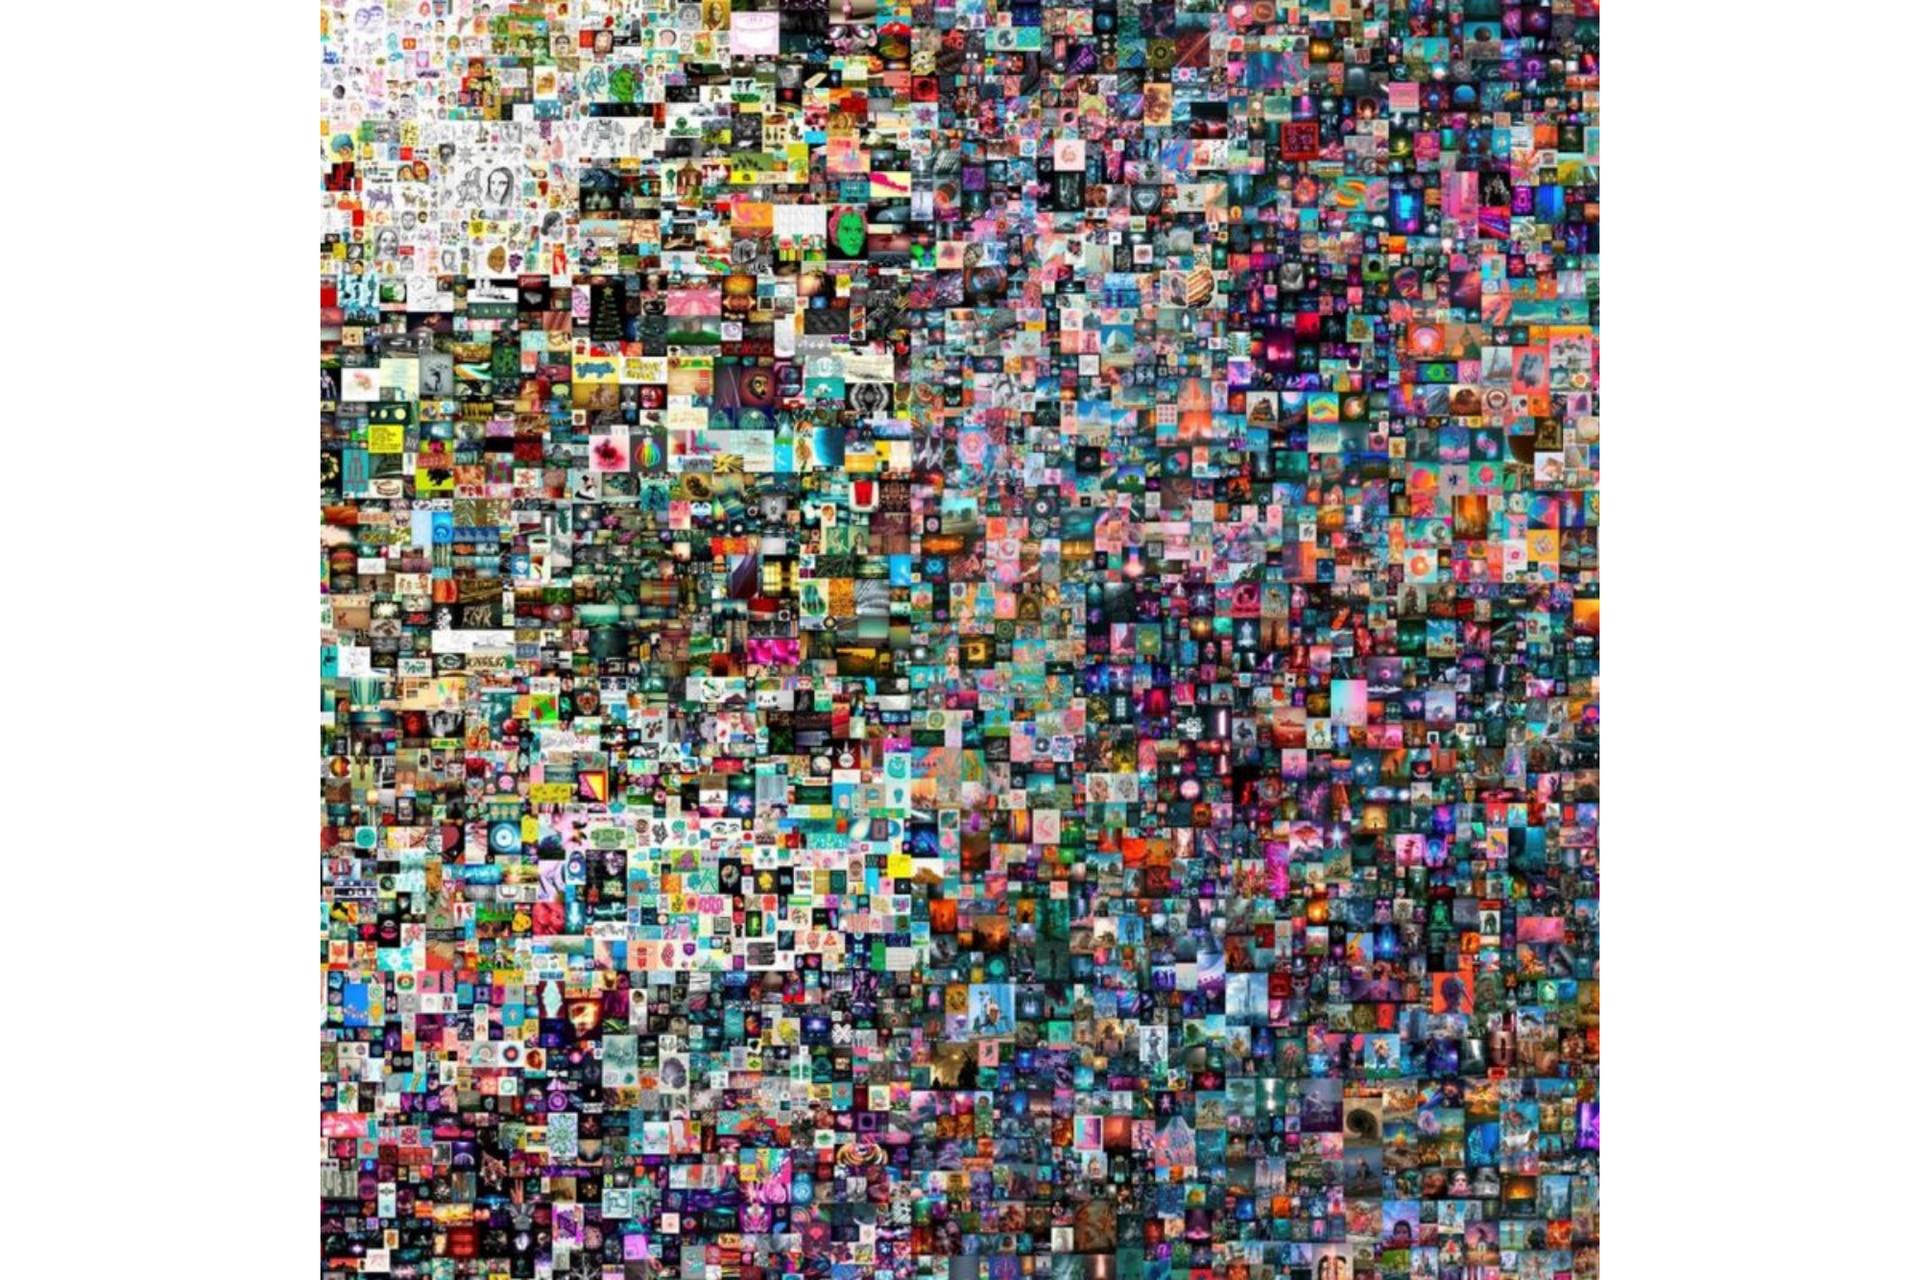 La pieza rematada en Christie's consiste en un collage de 5000 obras de Beeple